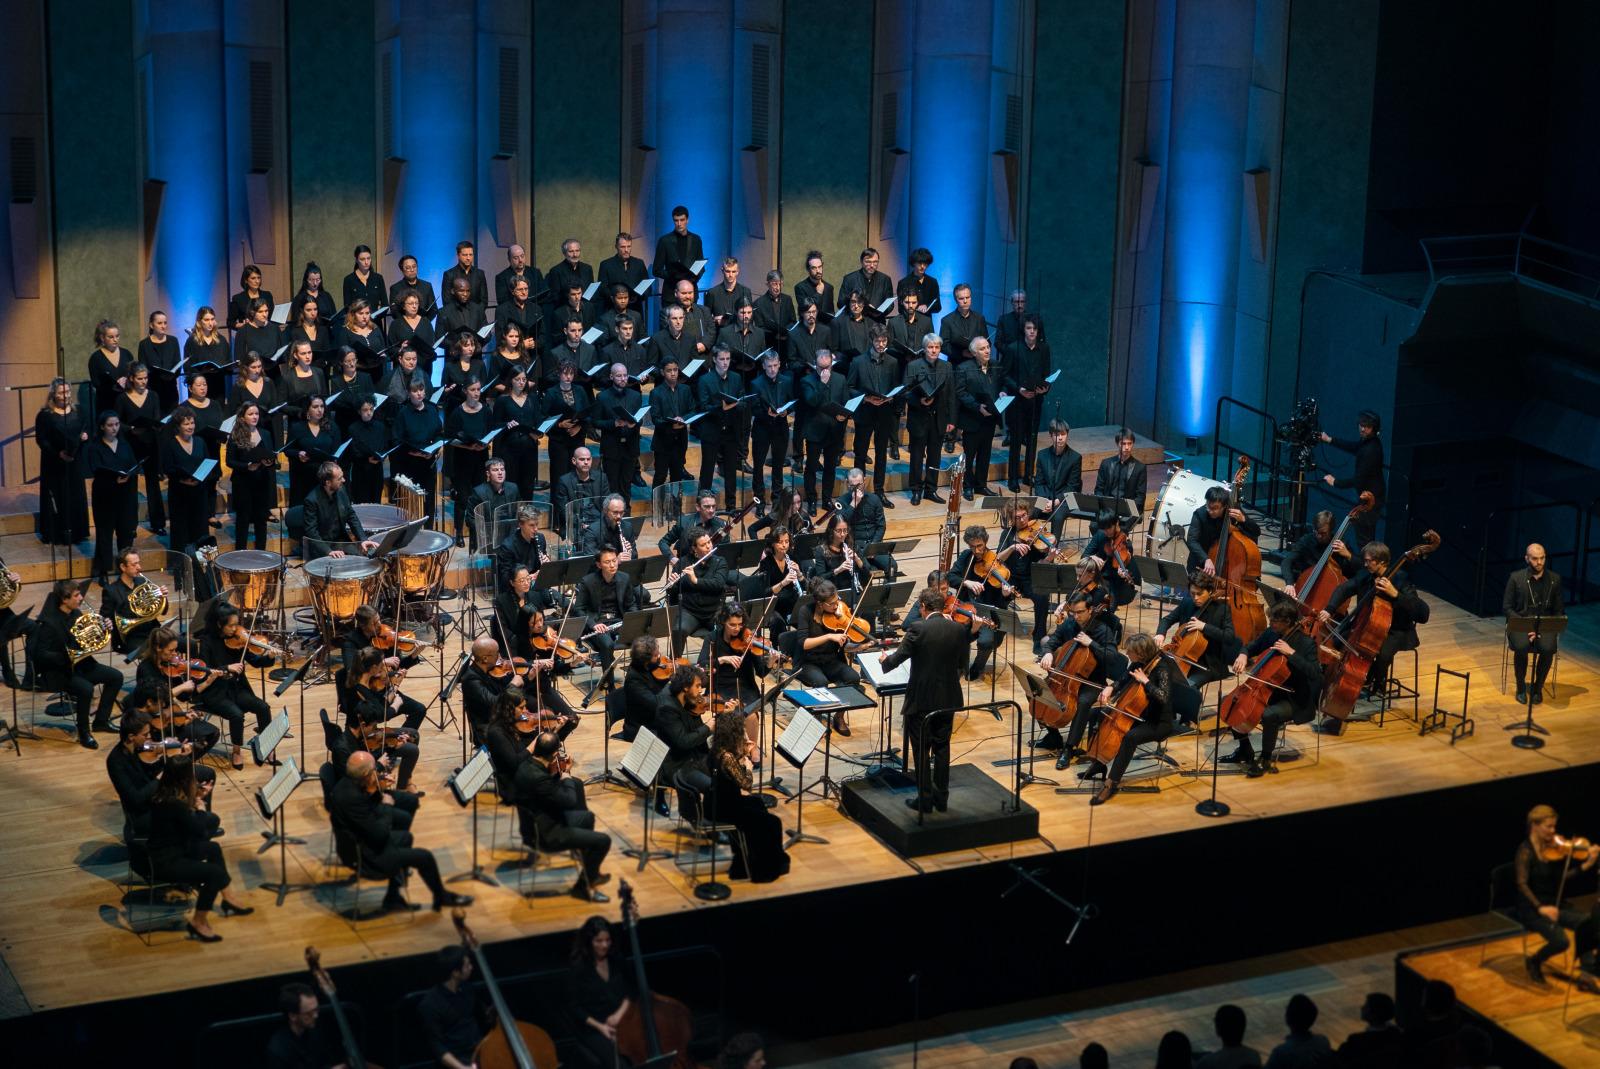 Pierre Henry La Dixième Symphonie - Hommage à Beethoven